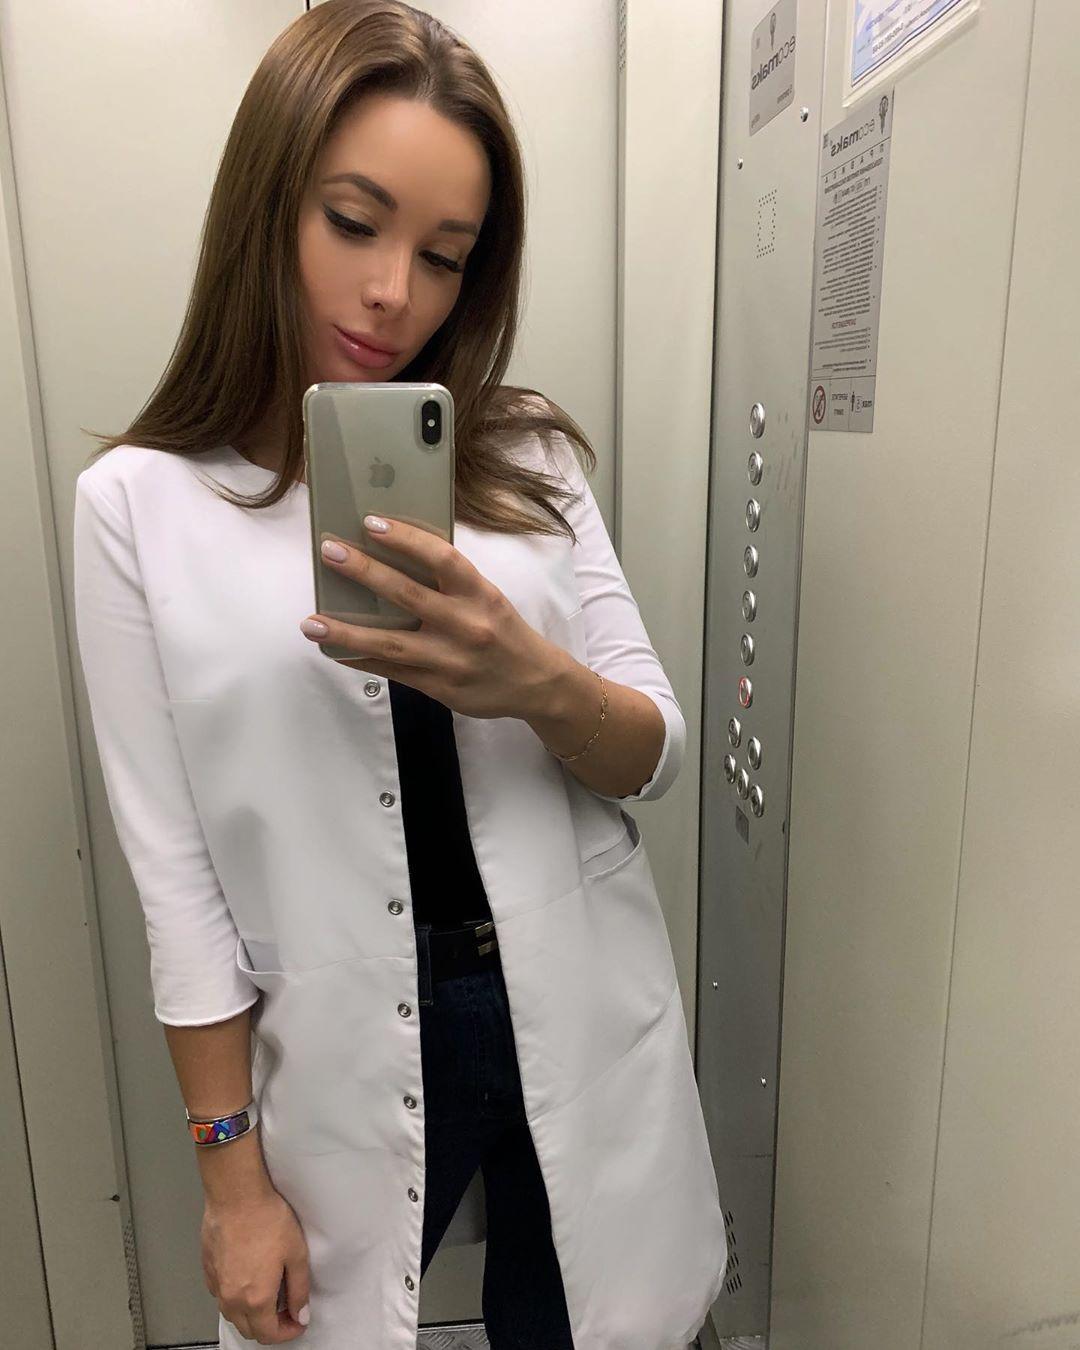 तिच्याशी संपर्क होत नसल्याने तिच्या आई-वडिलांनी पोलिसांत तक्रार दाखल केली. (फोटो - Instagram)